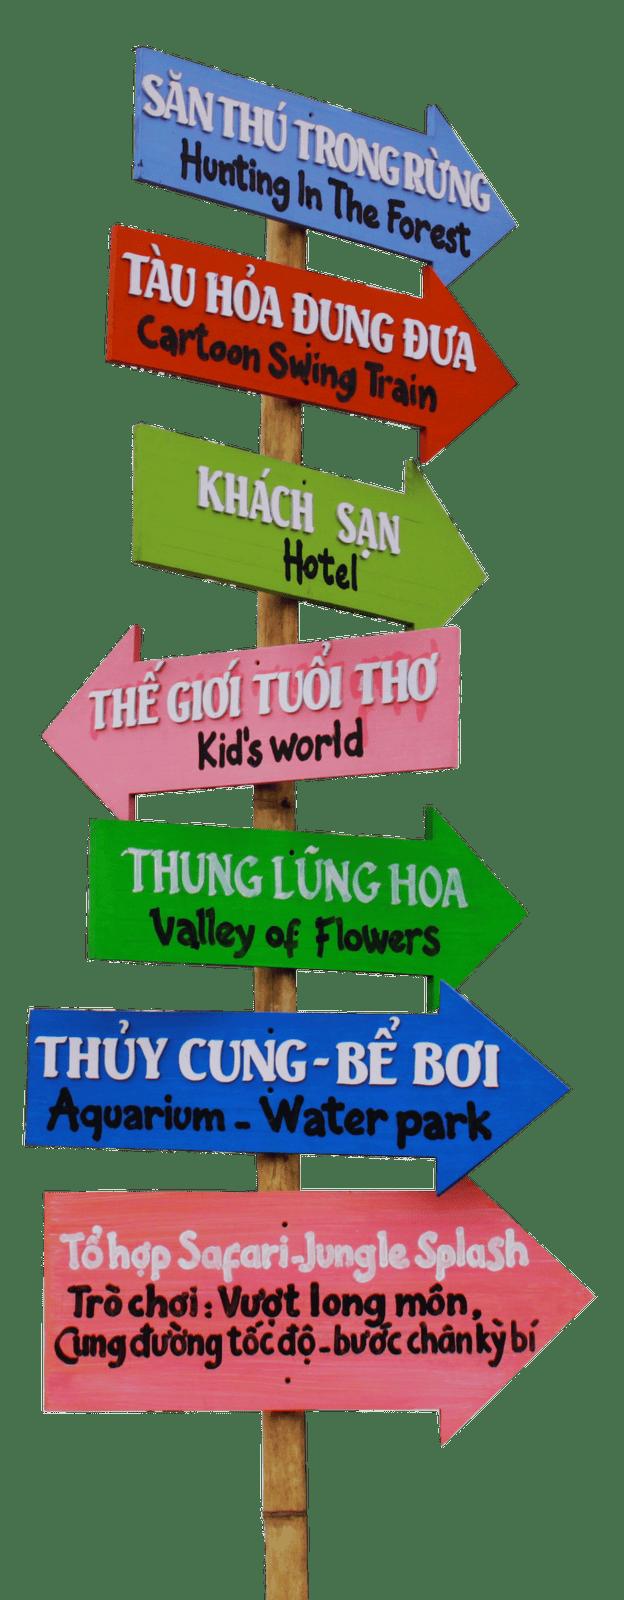 Biển chỉ dẫn đường đi tại công viên Thiên Đường Bảo Sơn